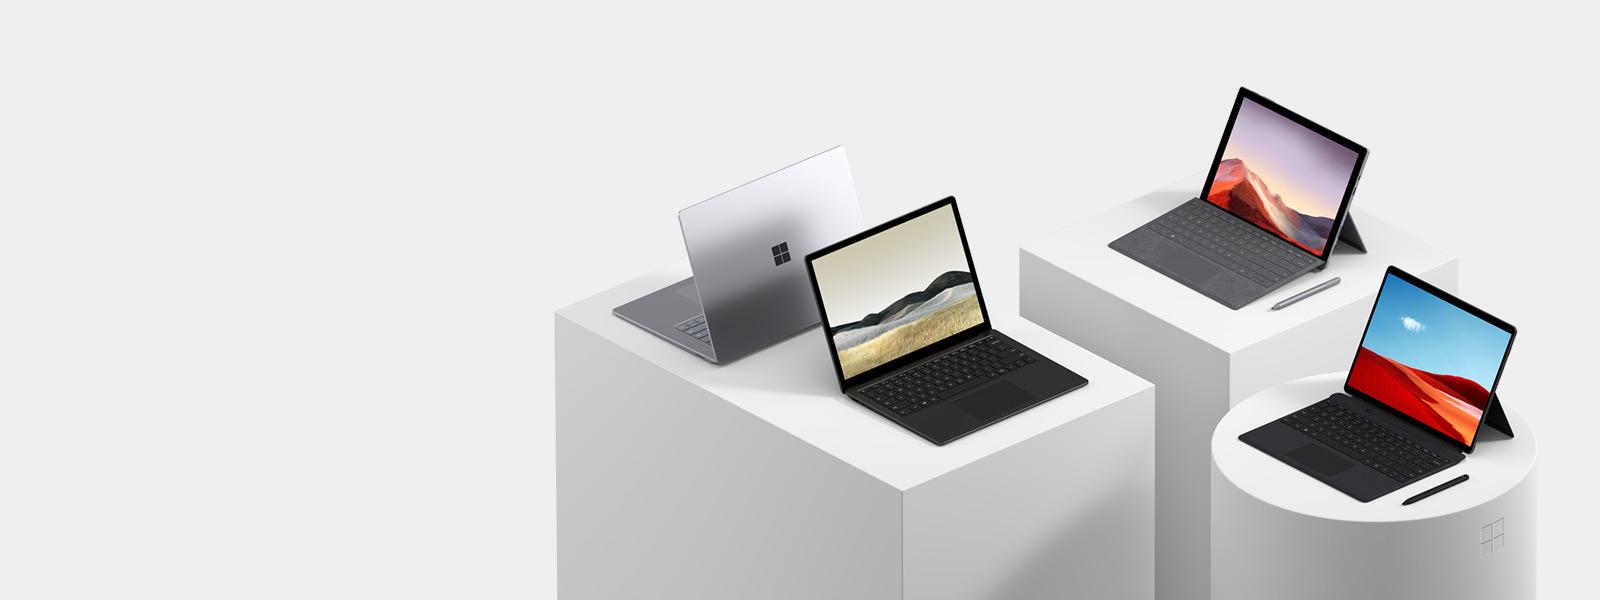 คอลเลกชันแล็ปท็อป Windows 10